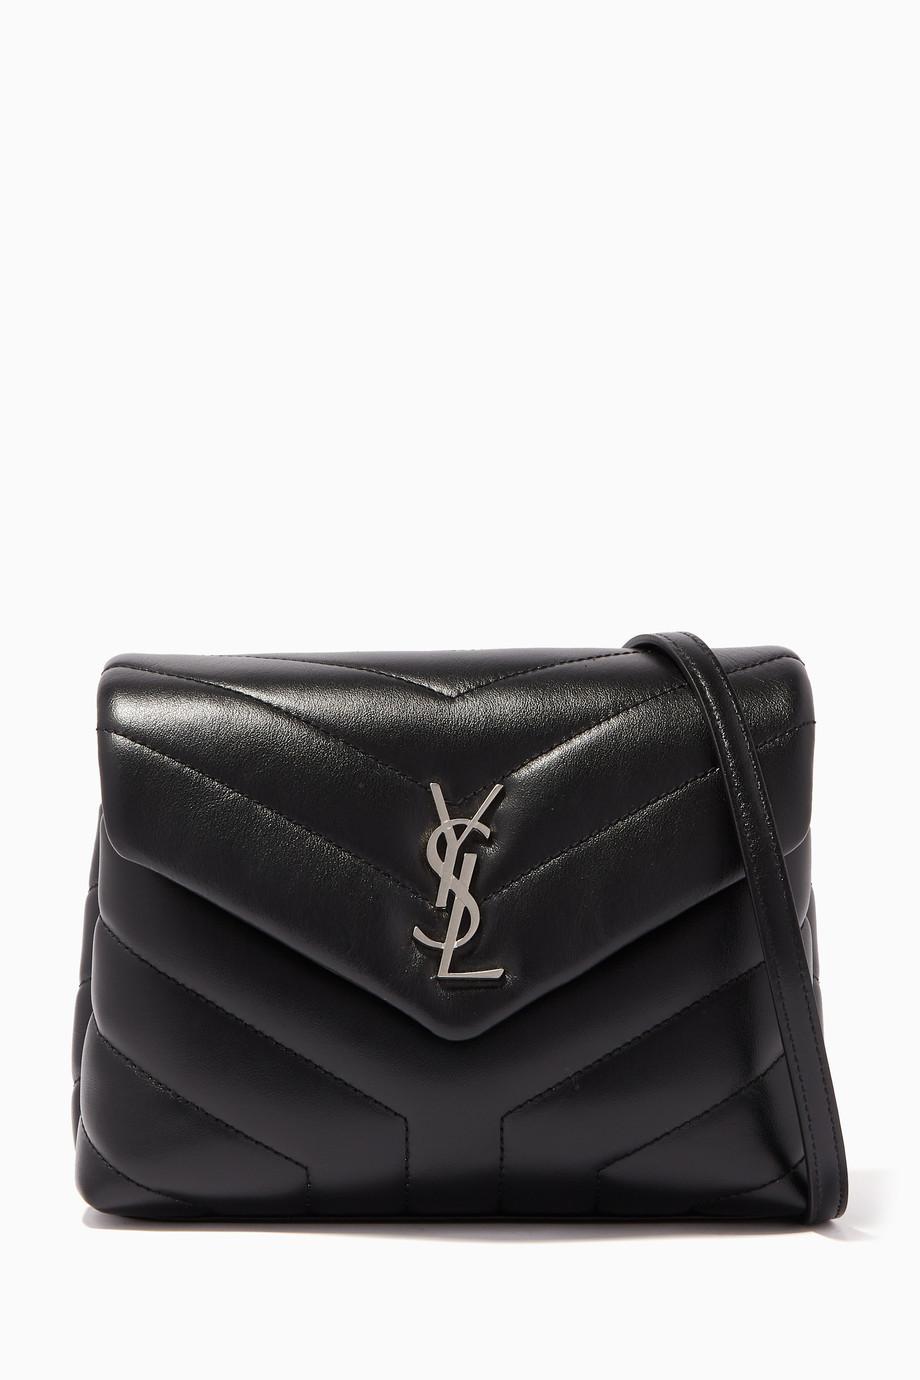 ac10bab2ab5e Shop Saint Laurent Black Black Loulou Leather Strap Wallet for Women ...